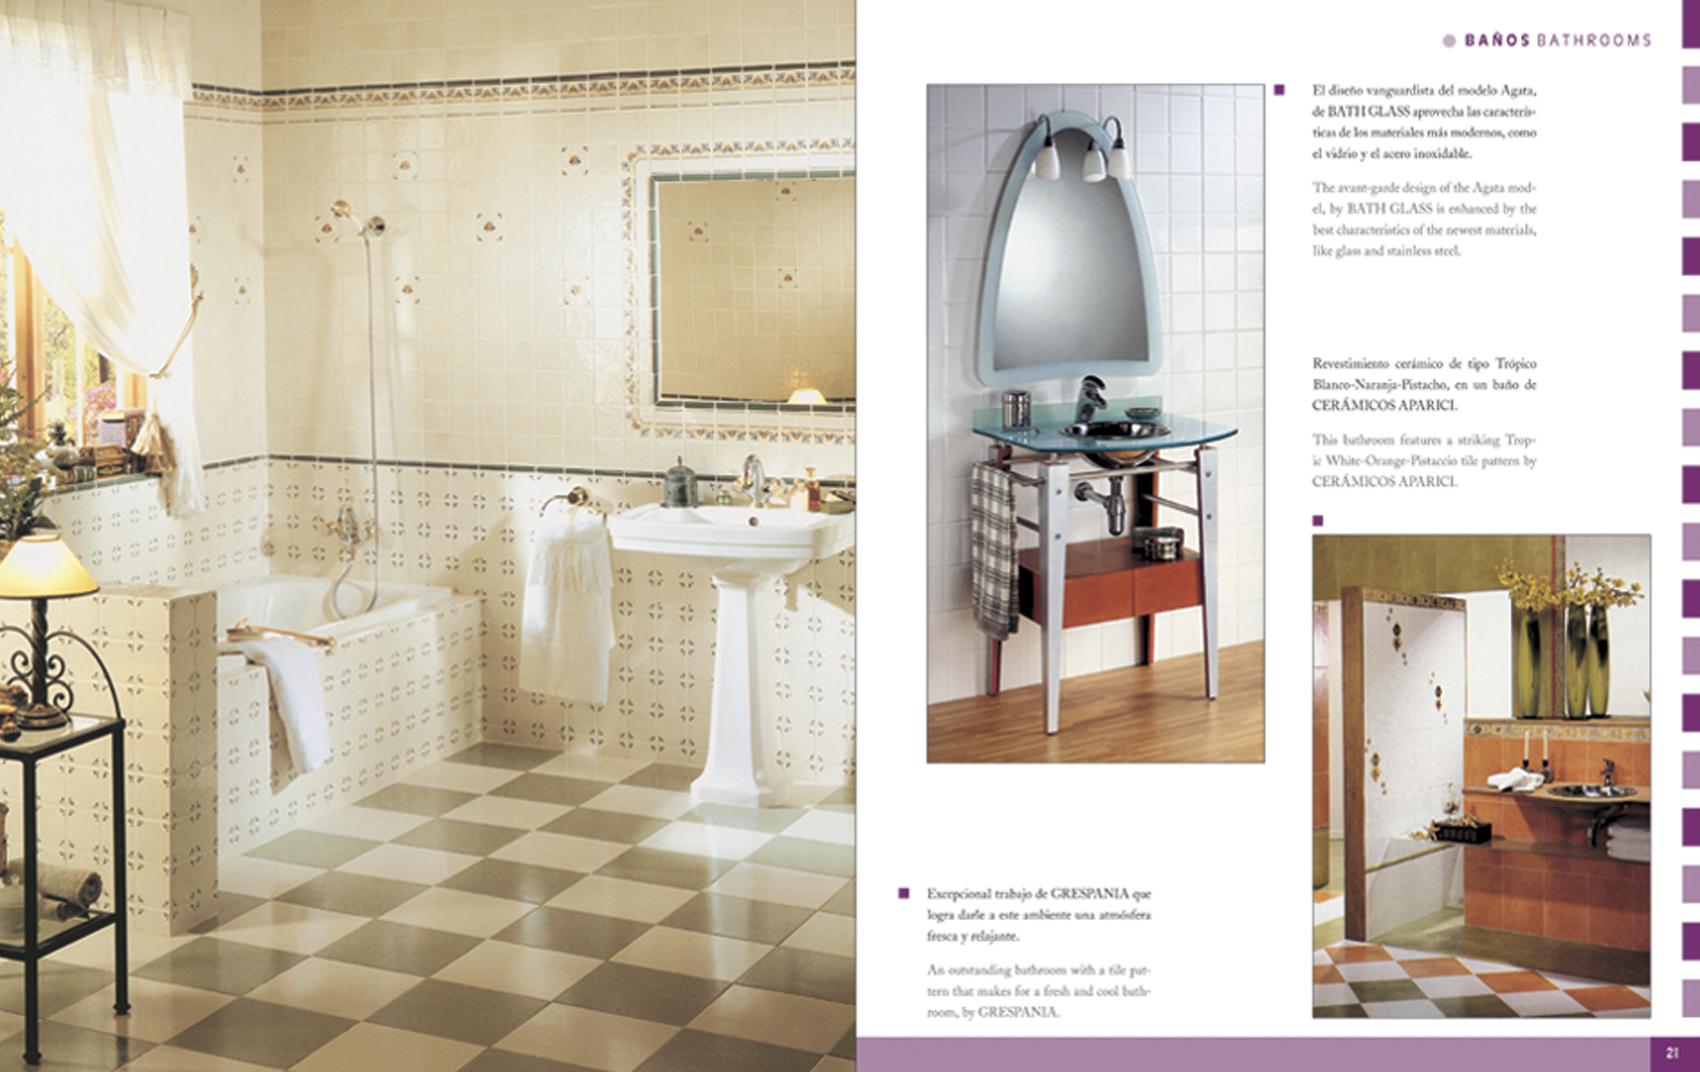 cocinas y banios_3.jpg